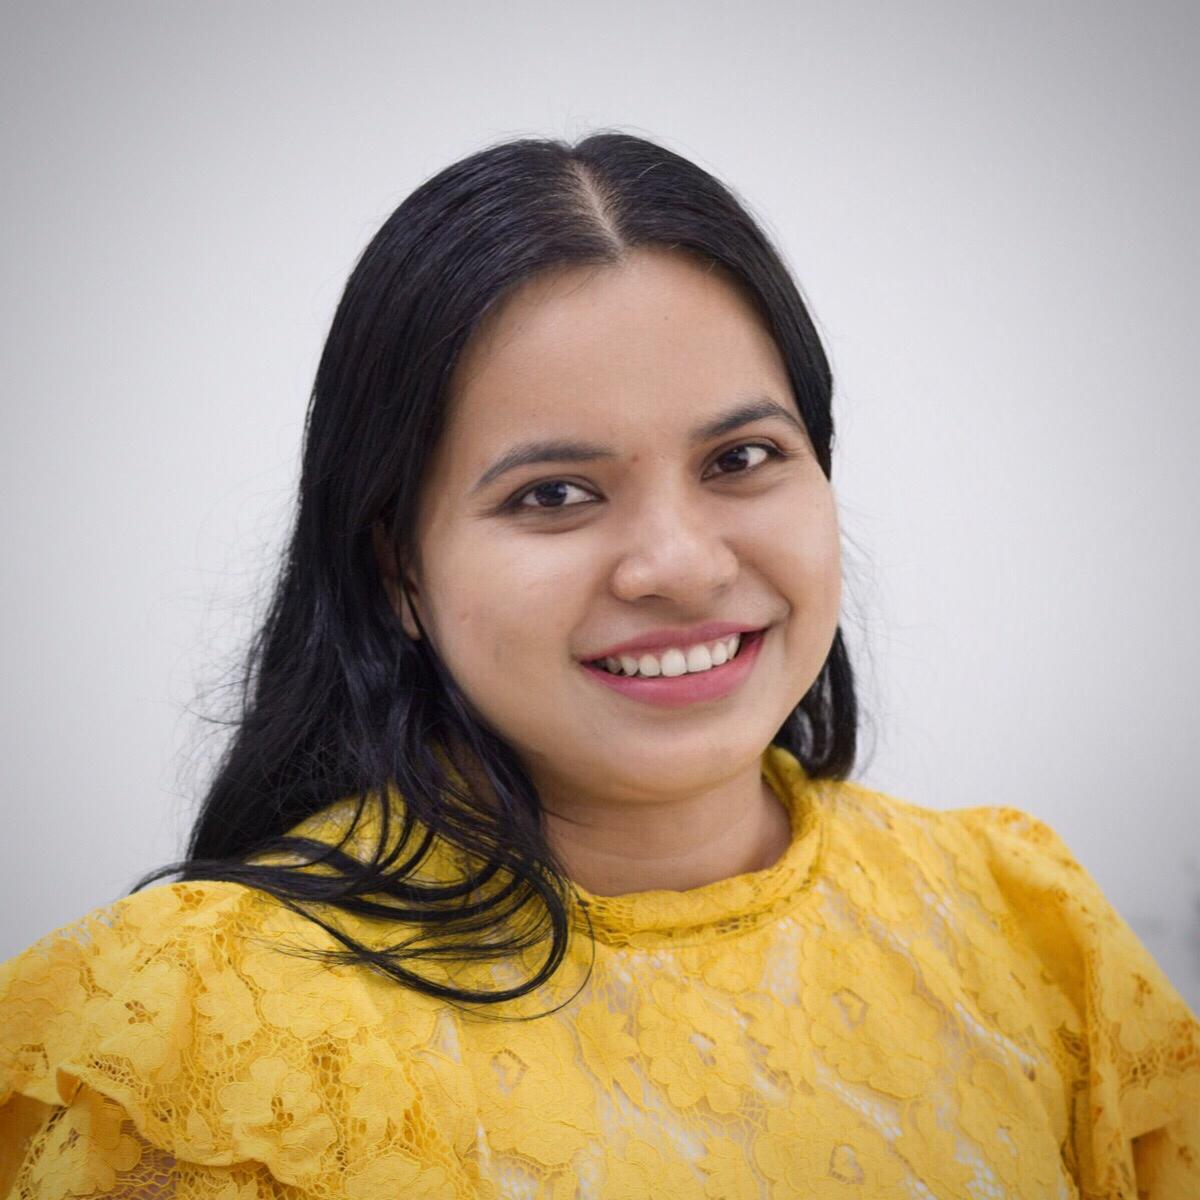 Ms. Sujunya Anuchan